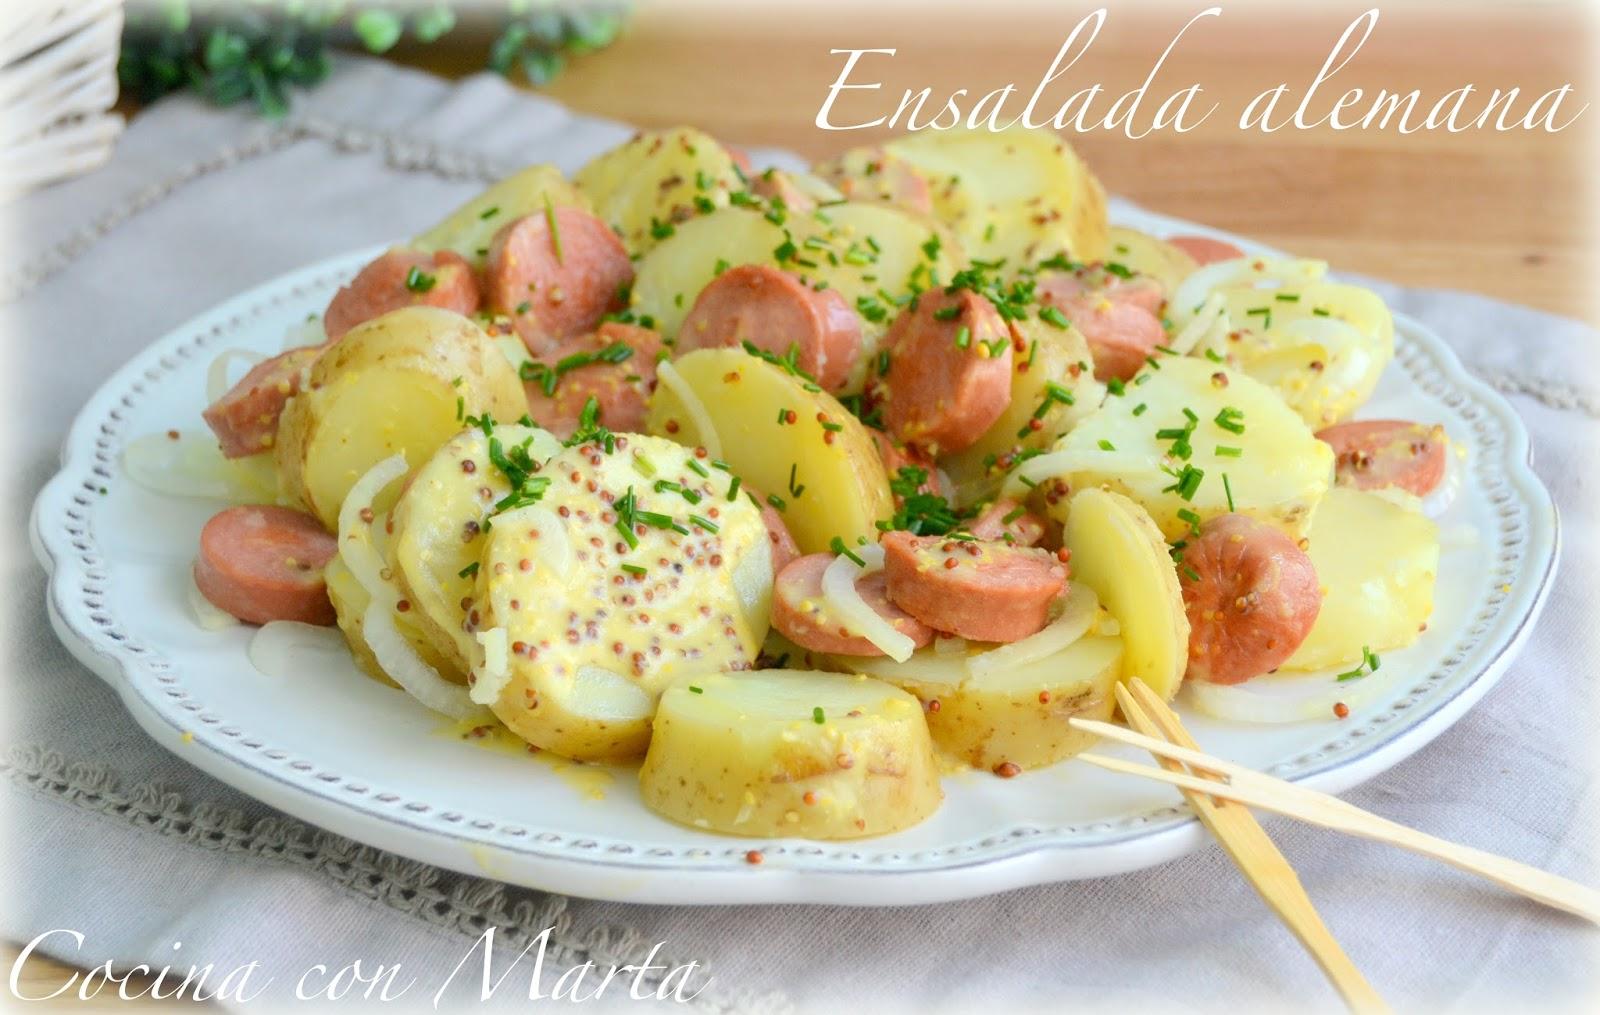 Las Ensaladas Mas Originales Cocina A Buenas Horas ~ Recetas De Ensaladas Faciles Y Originales